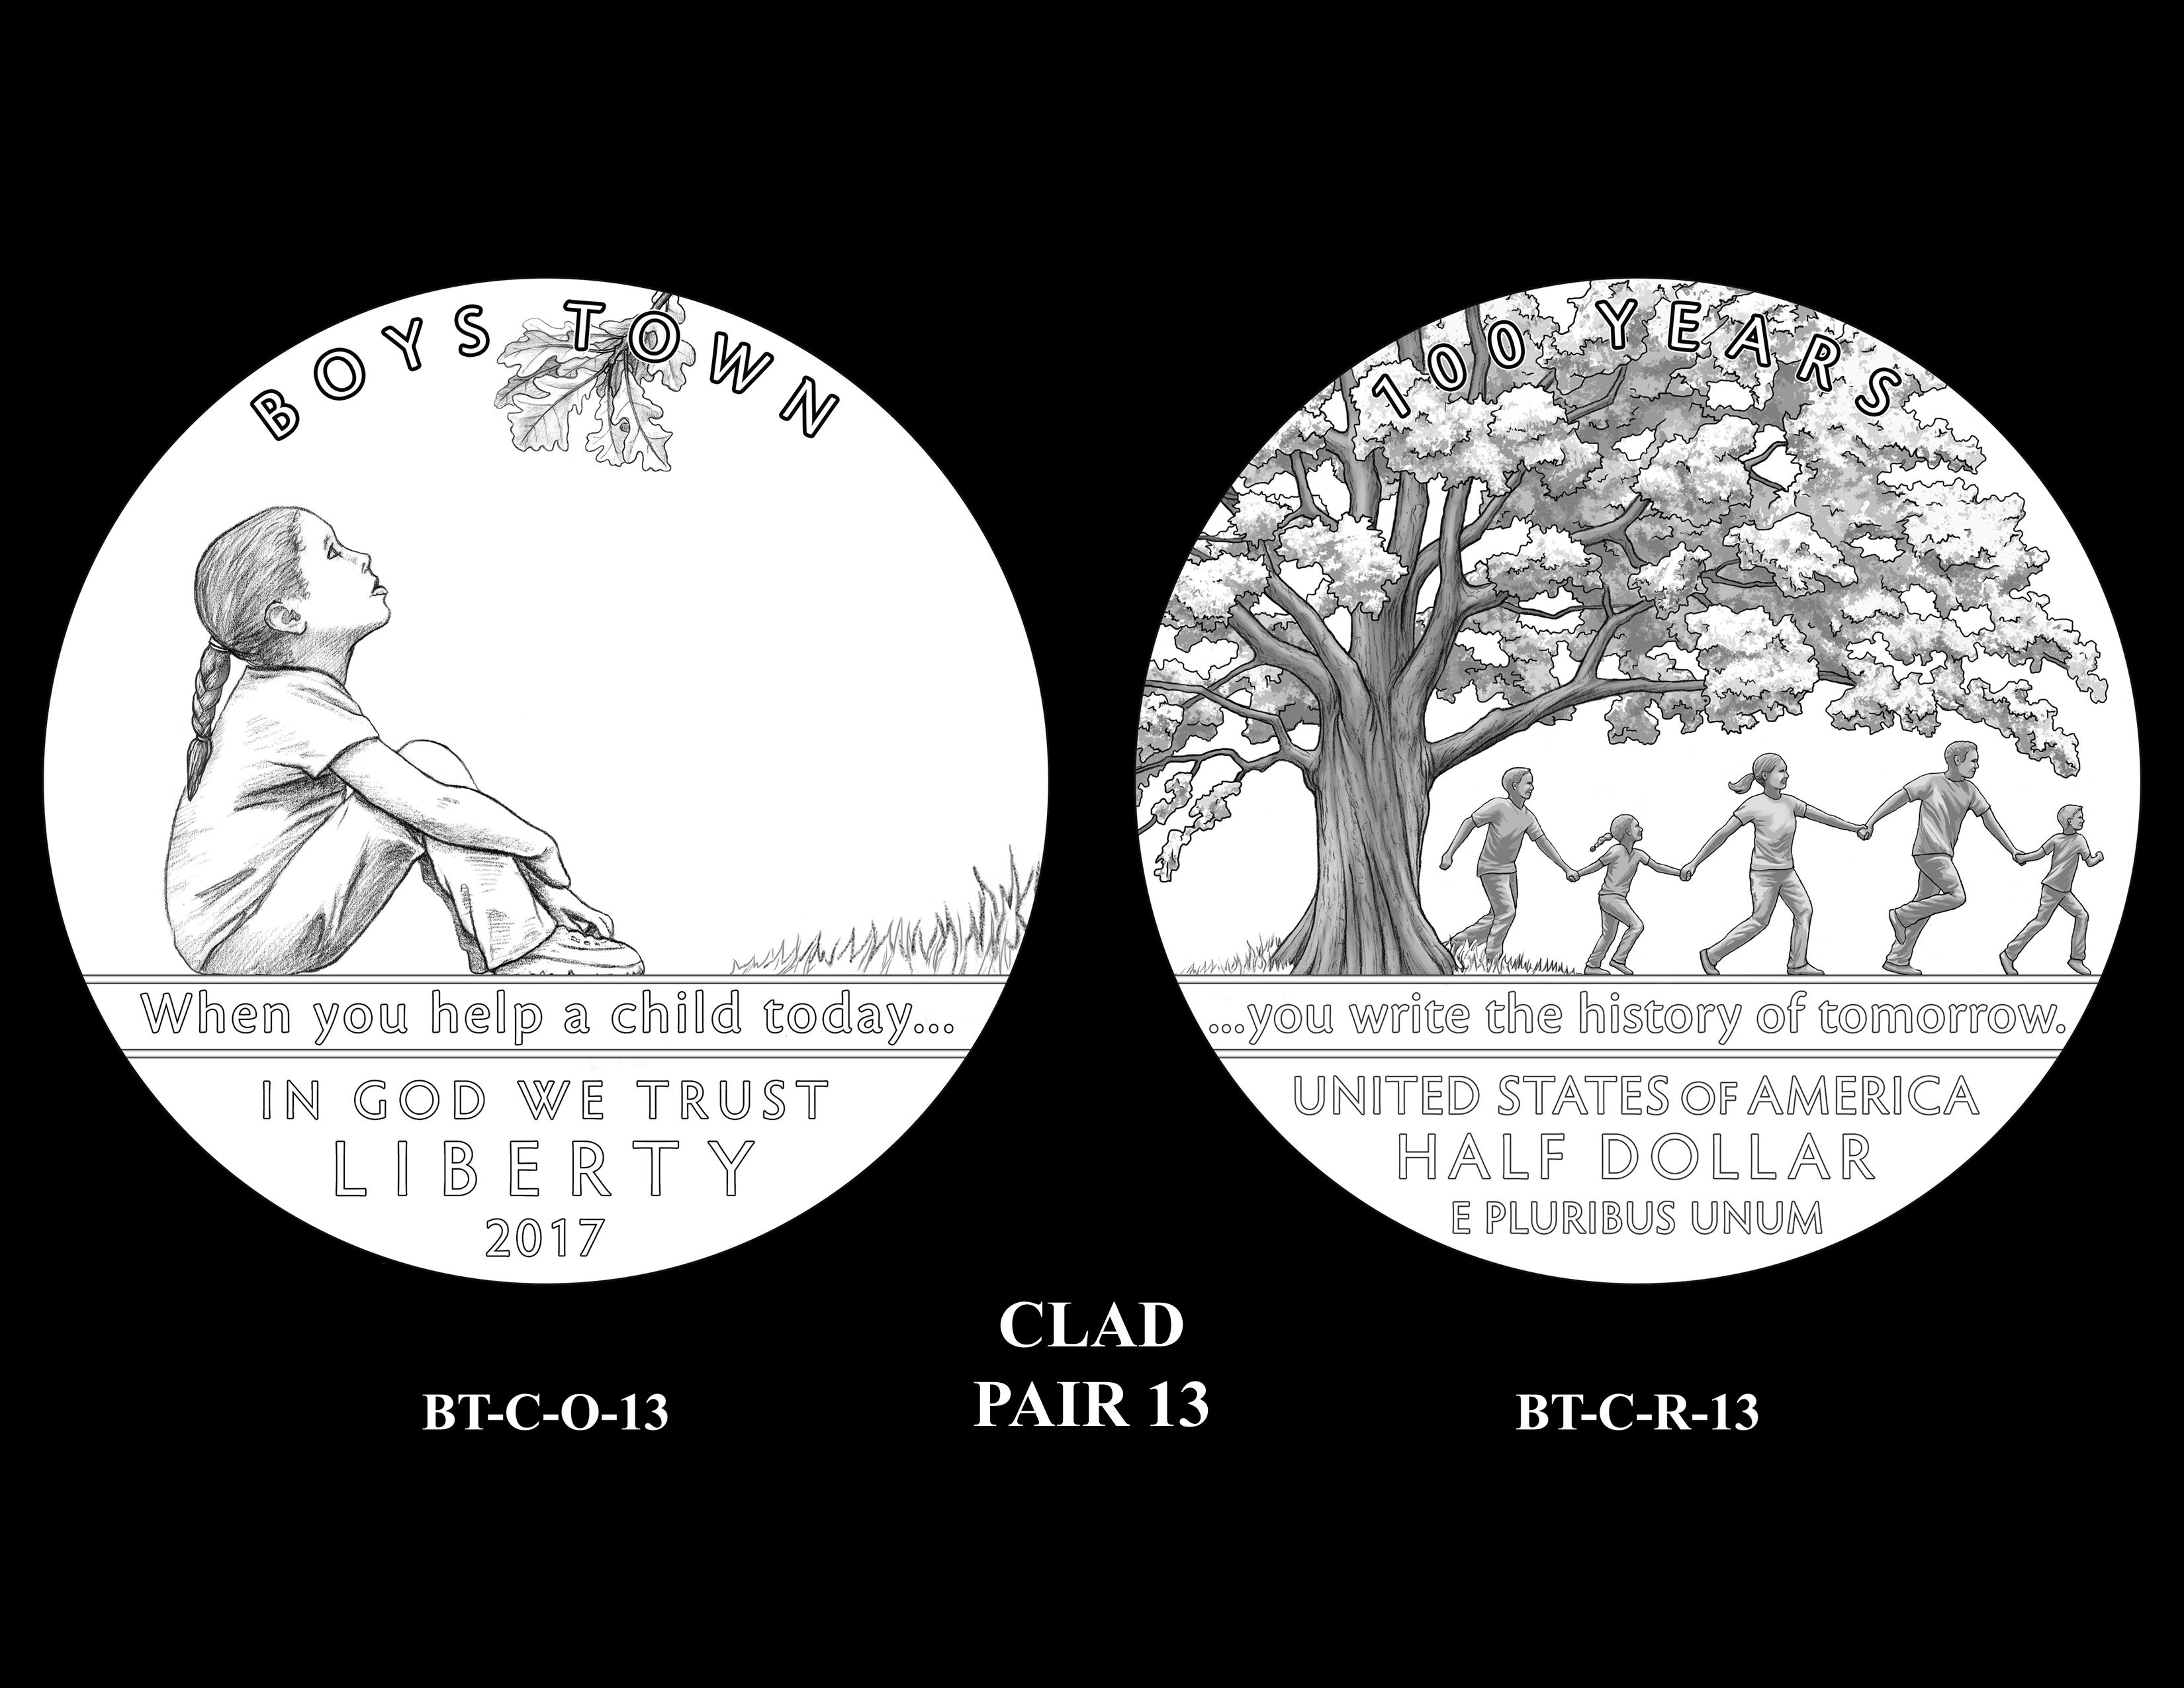 clad-pair-13_25402666000_o